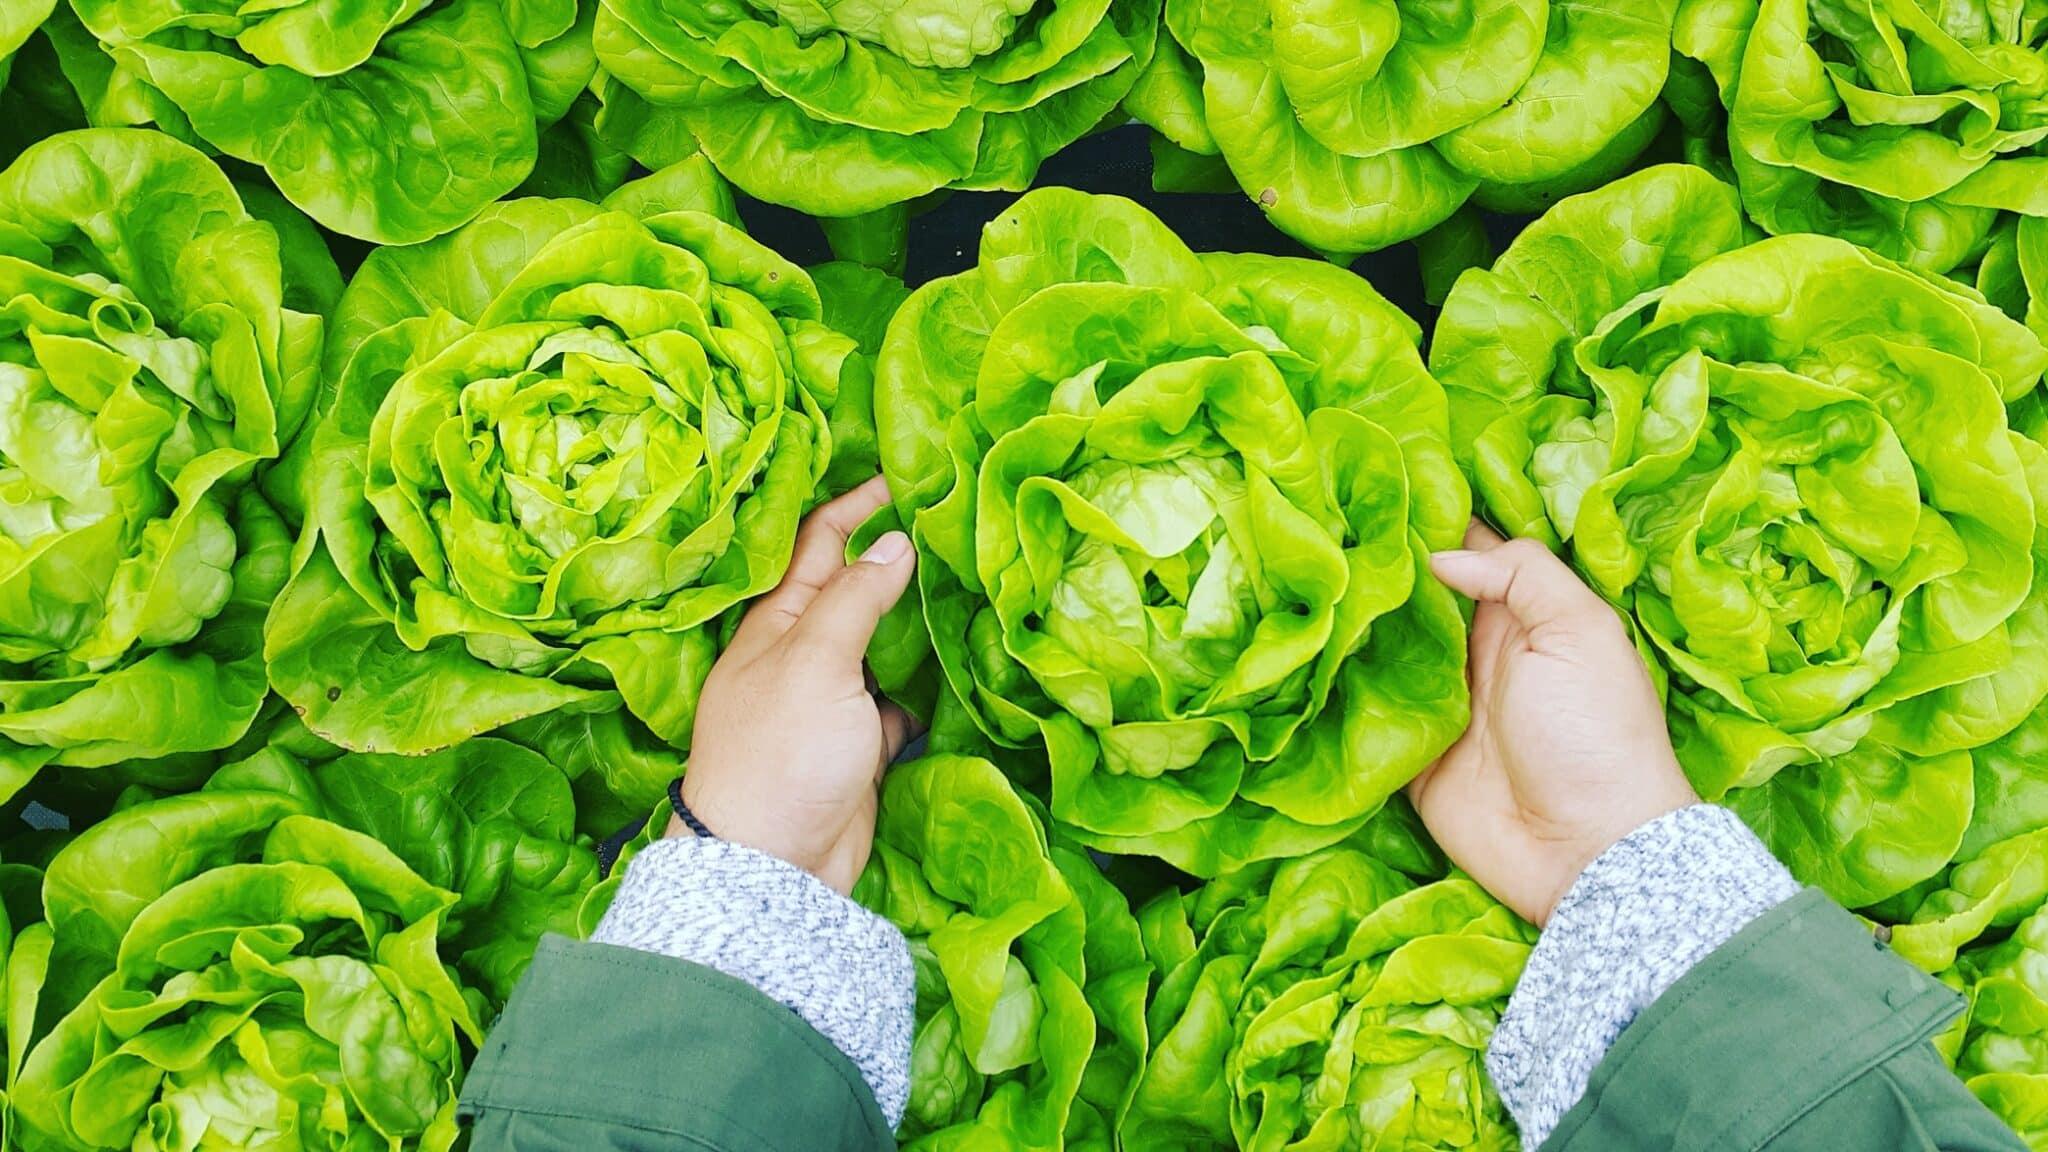 laitue feuille de salade potager cultiver fruits et légumes pesticides